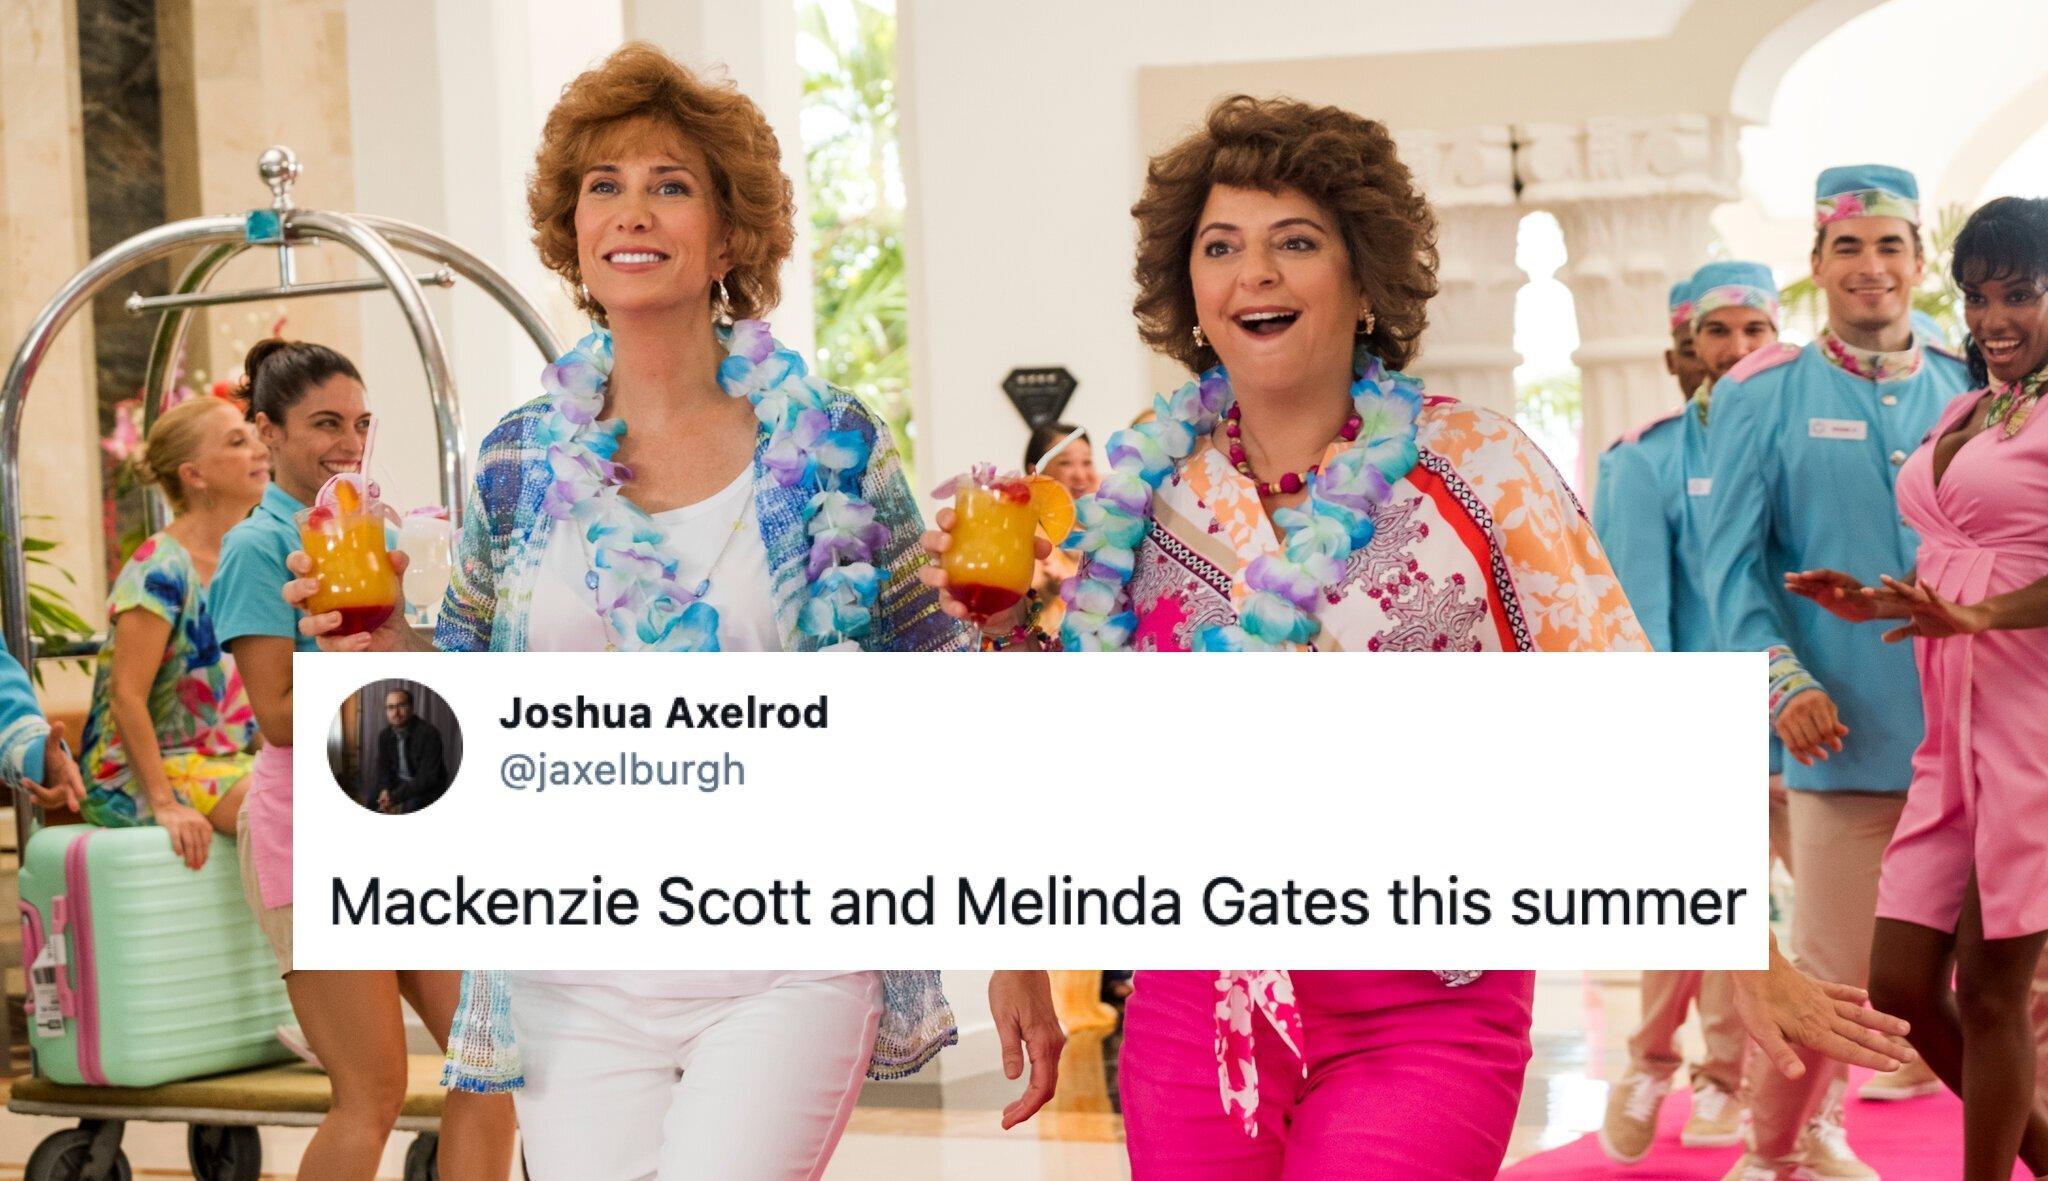 Mackenzie Scott and Melinda Gates this summer photo